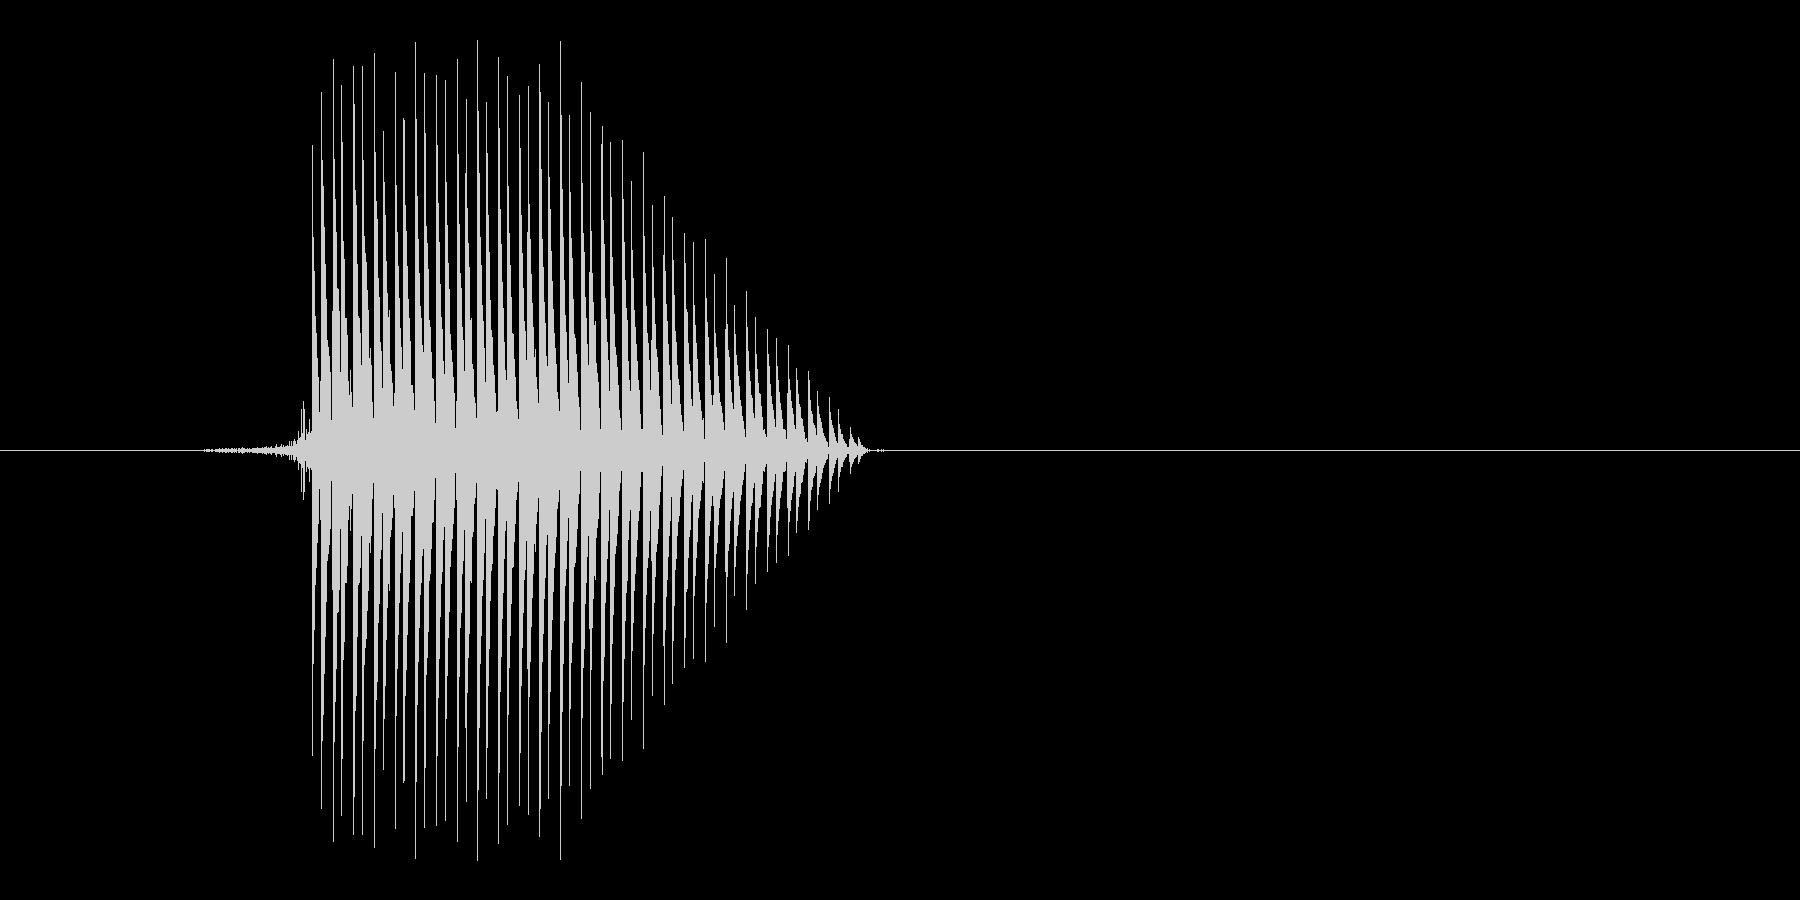 ゲーム(ファミコン風)セレクト音_013の未再生の波形